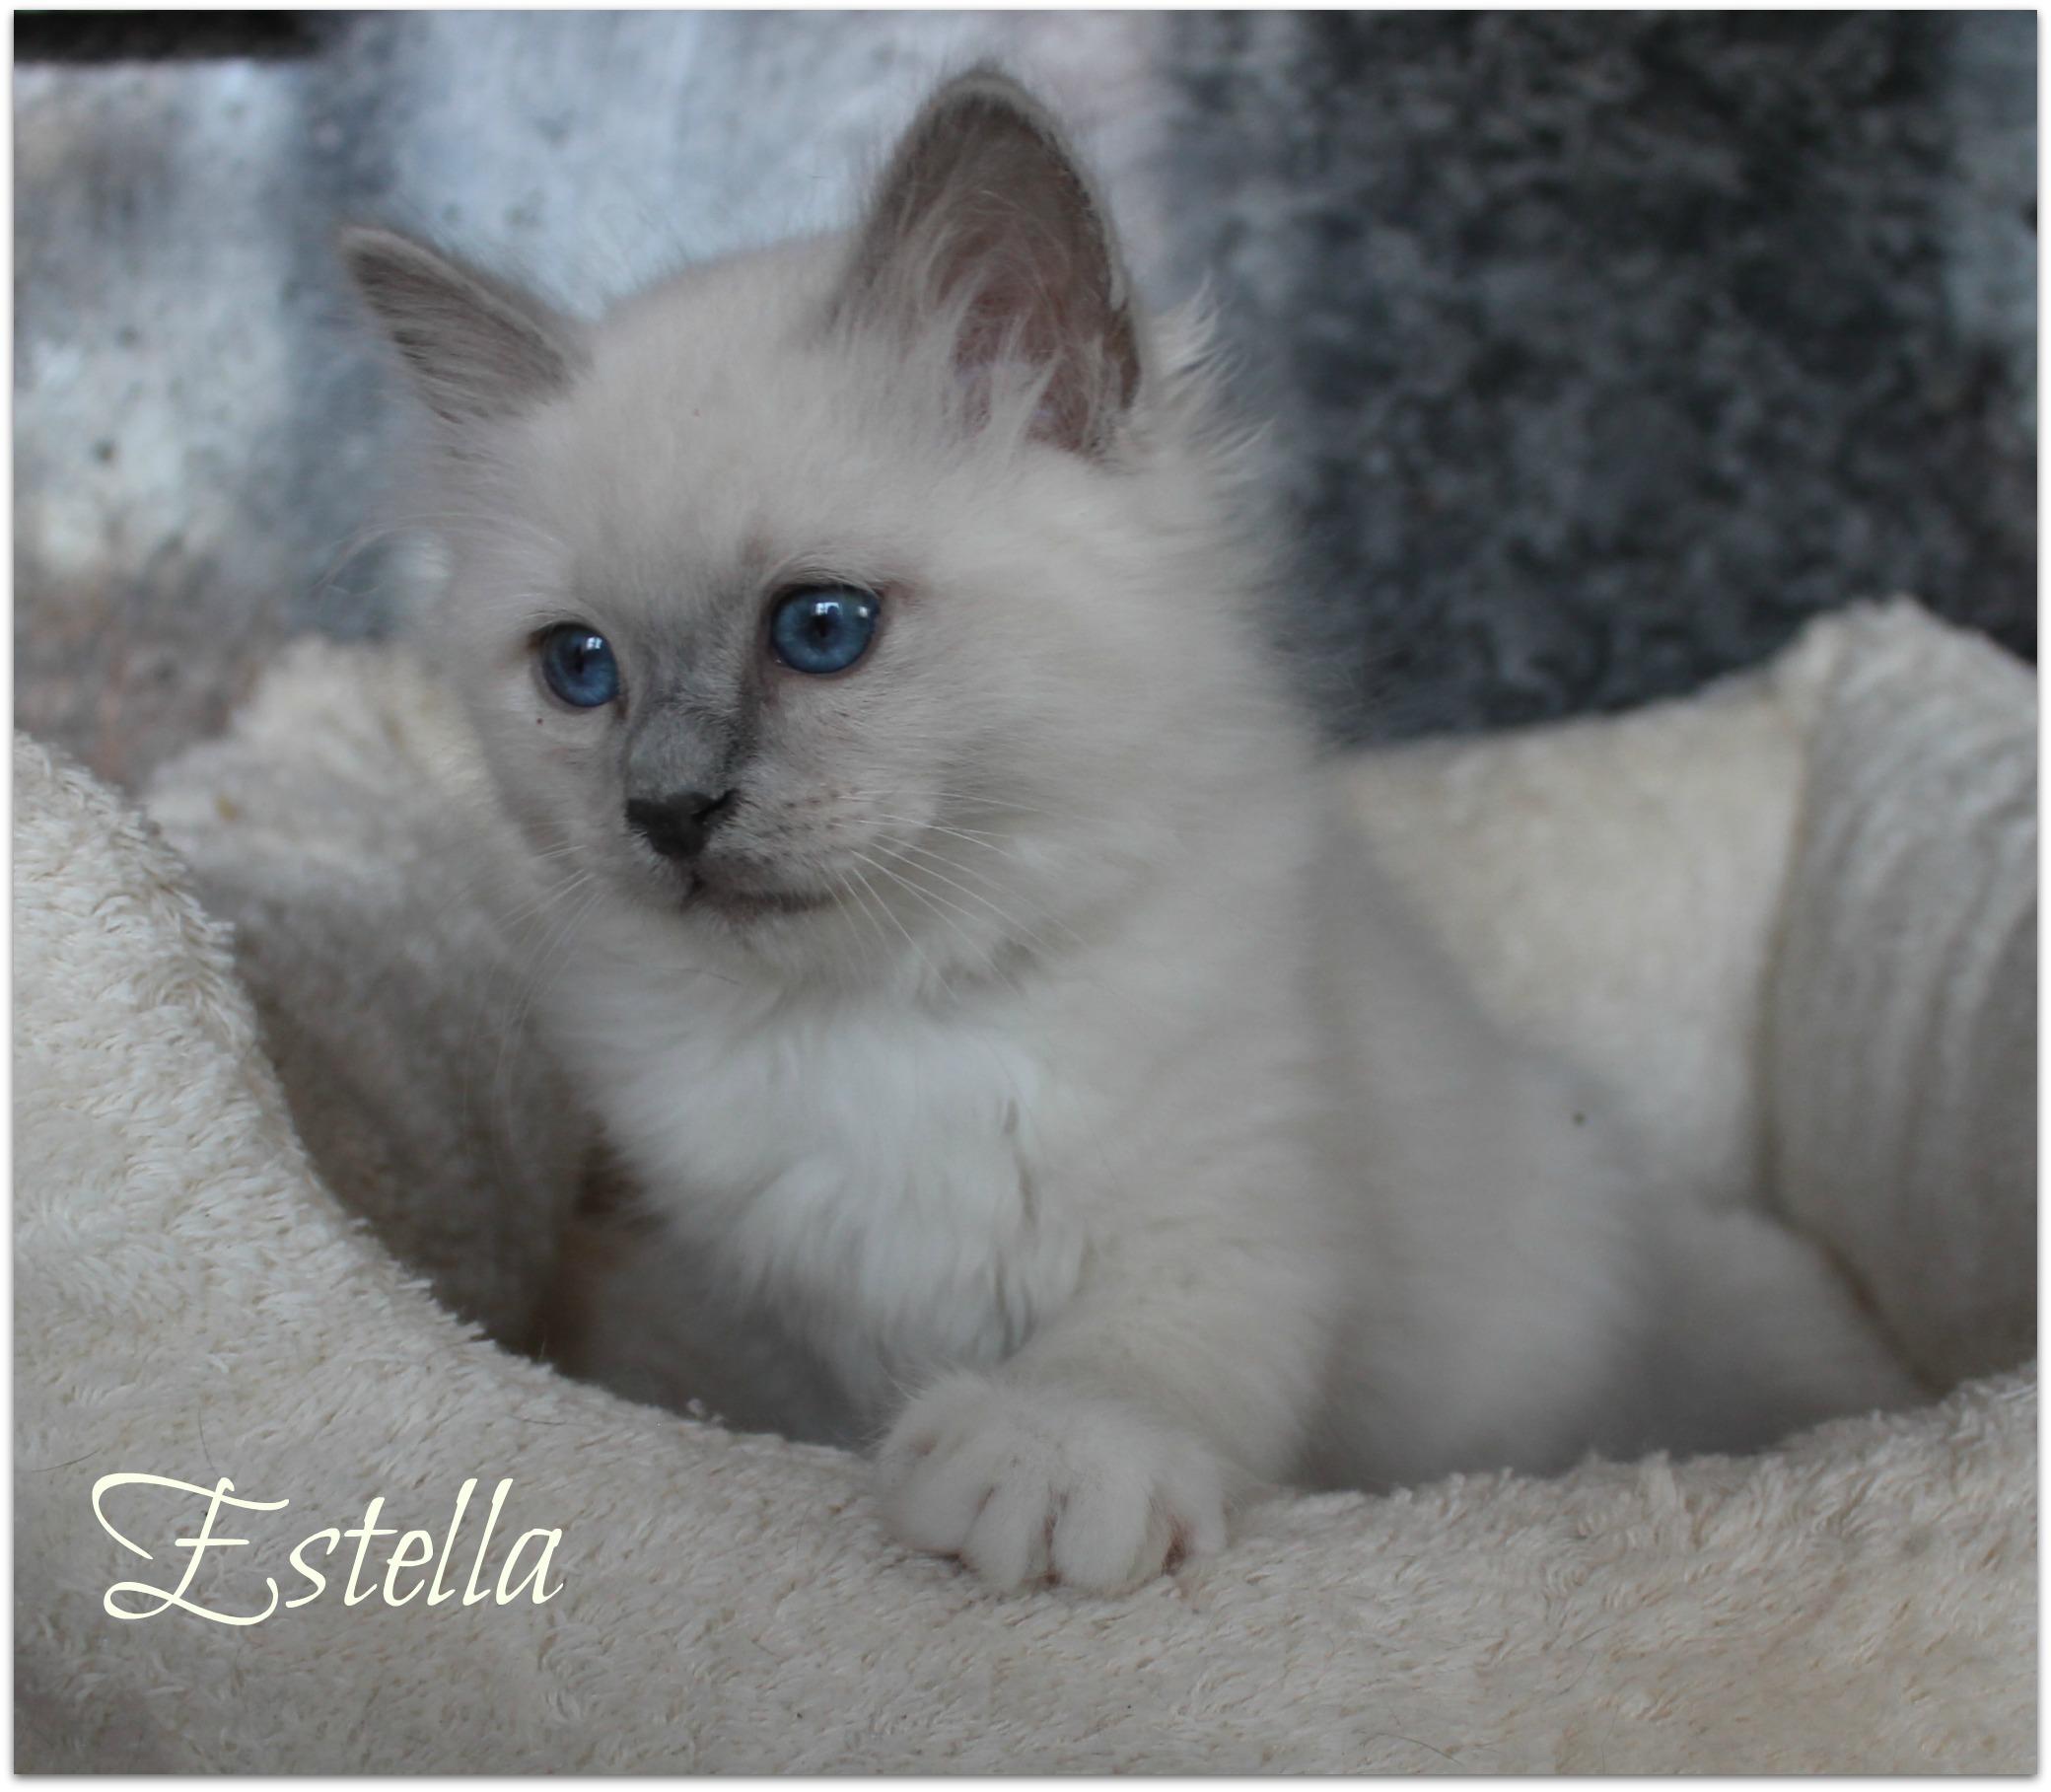 estella3